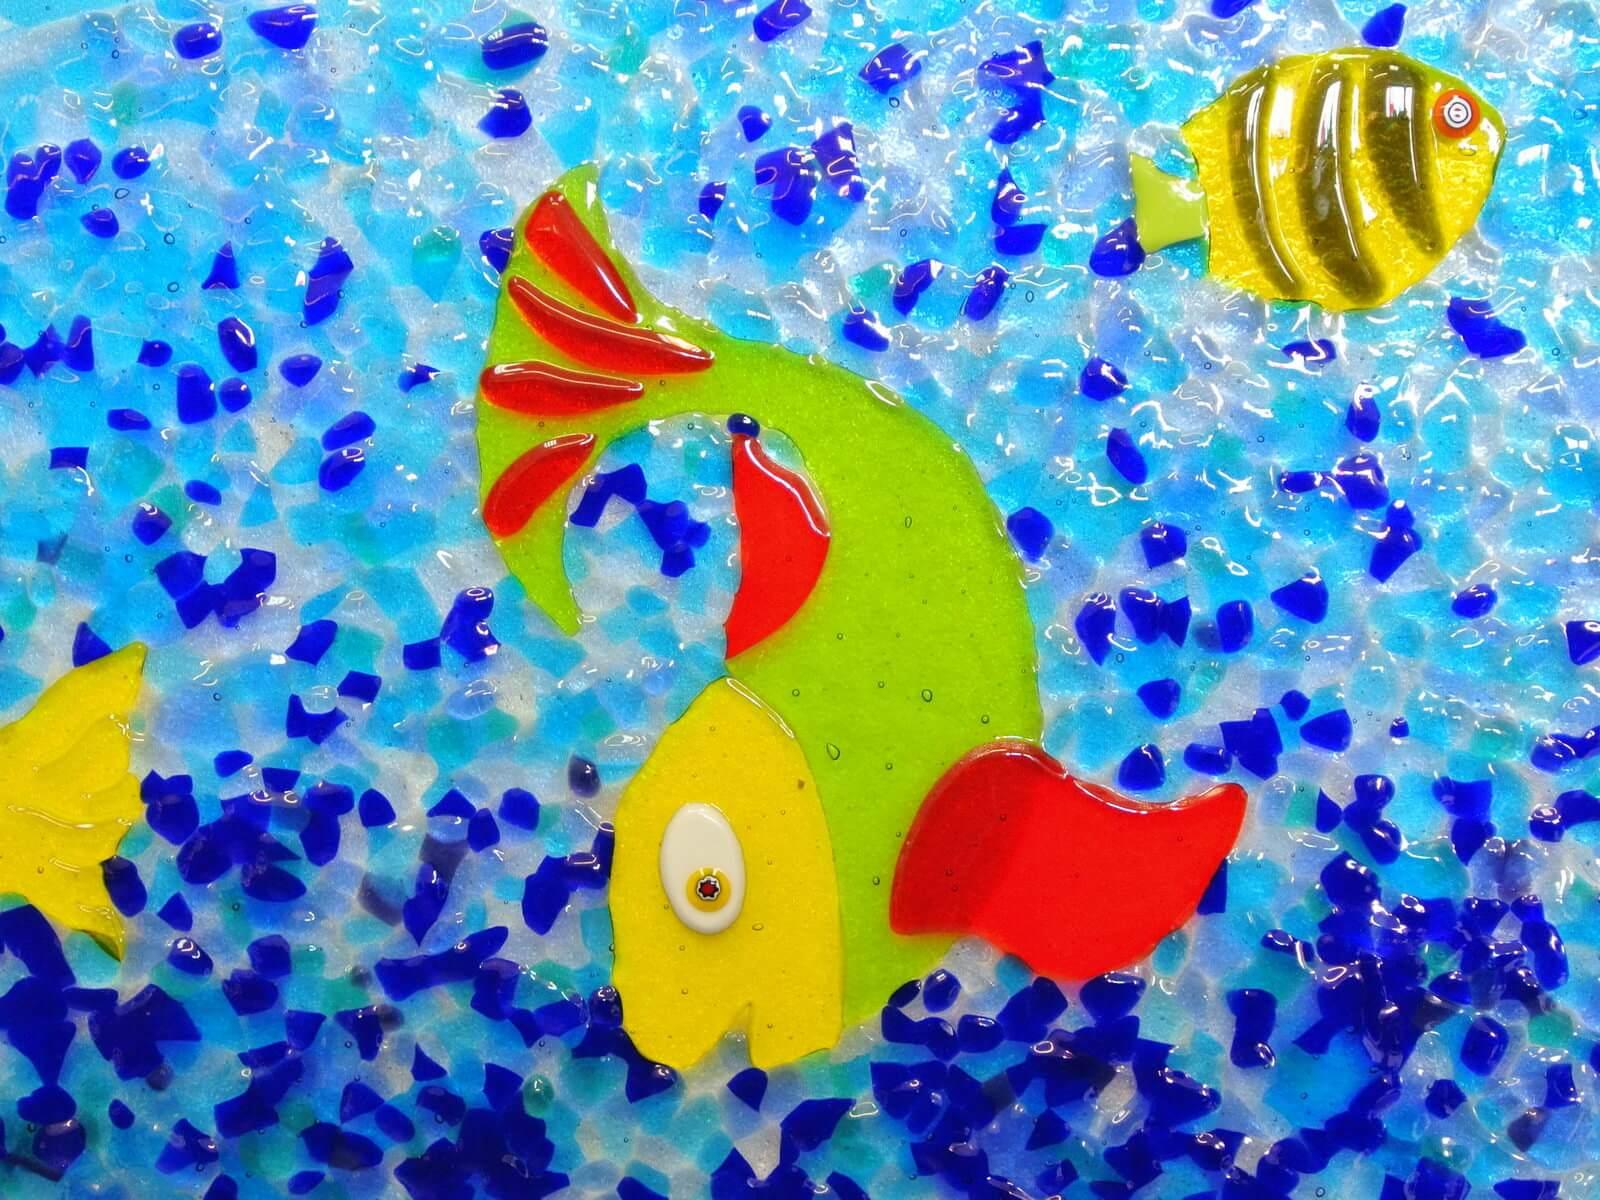 Motivi ribica i mora od stakla